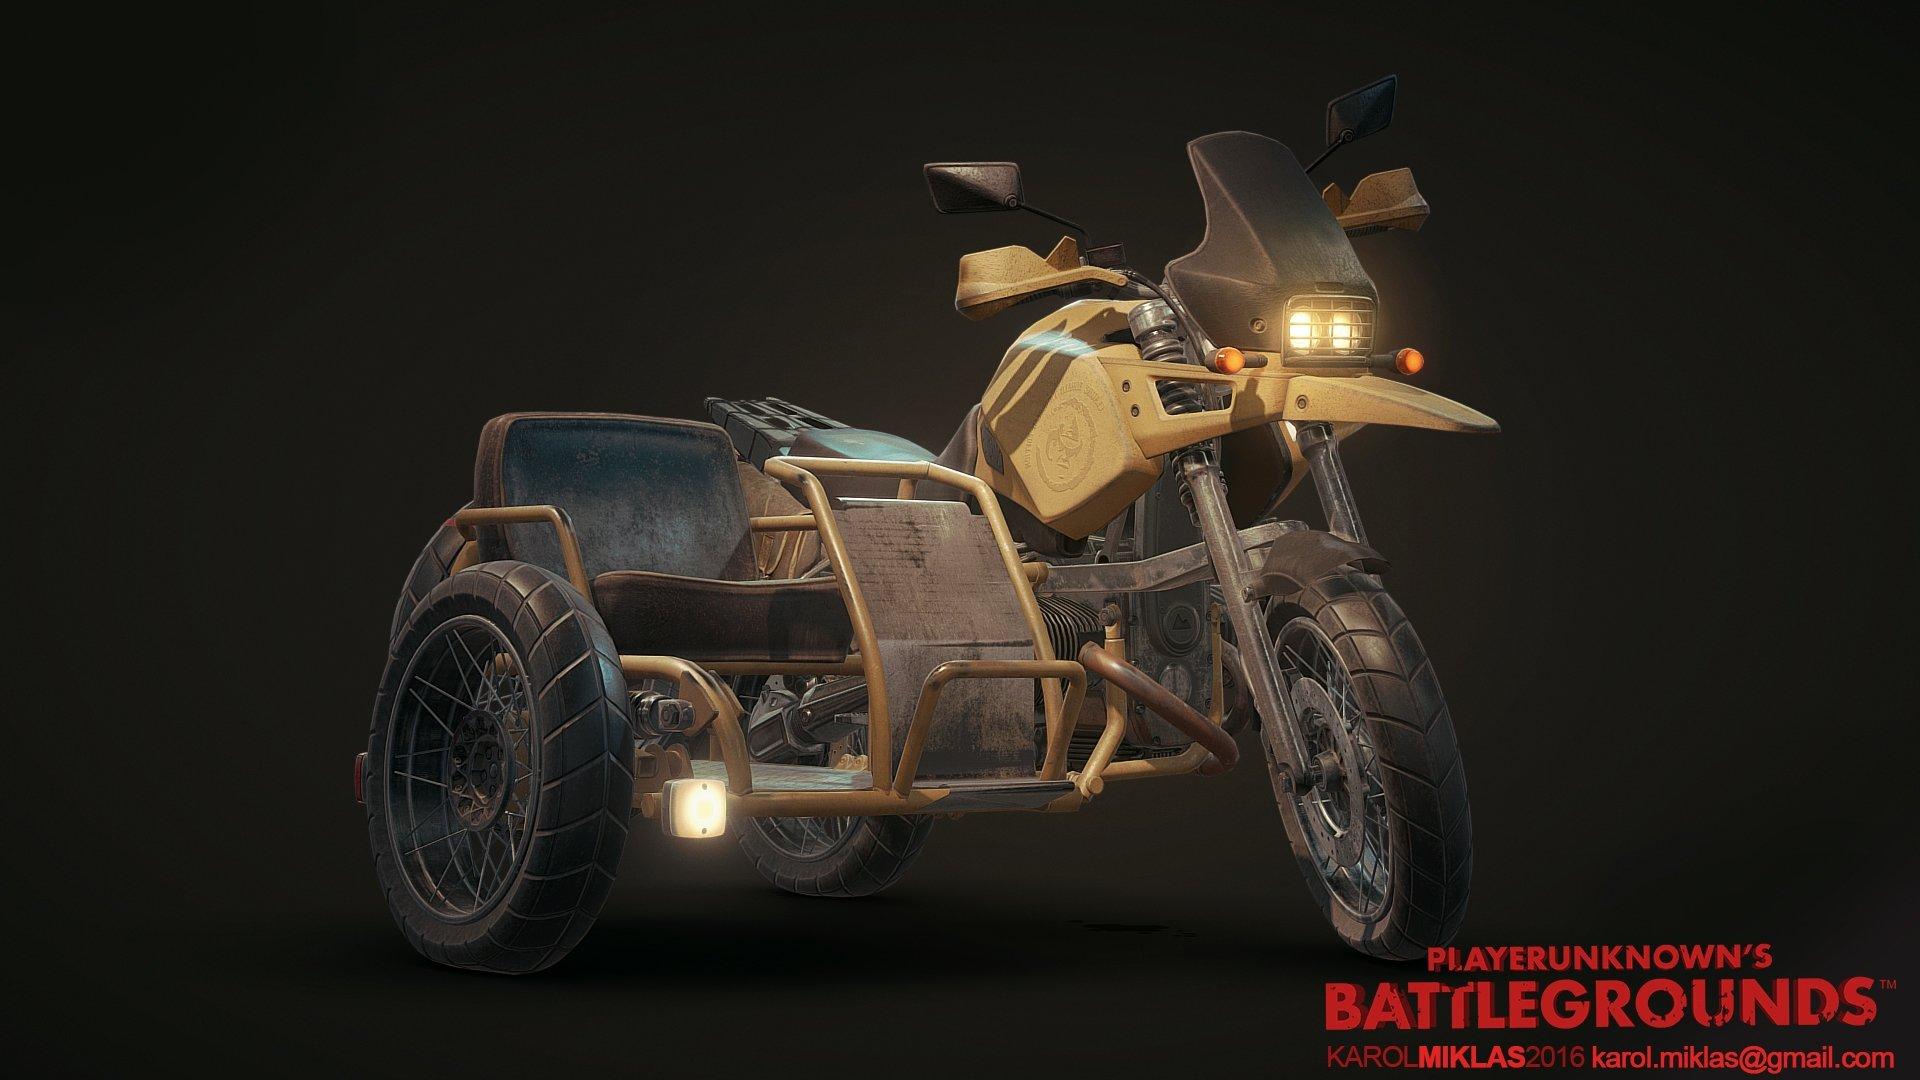 [Art Dump] PU: Battlegrounds Vehicles! Image Heavy